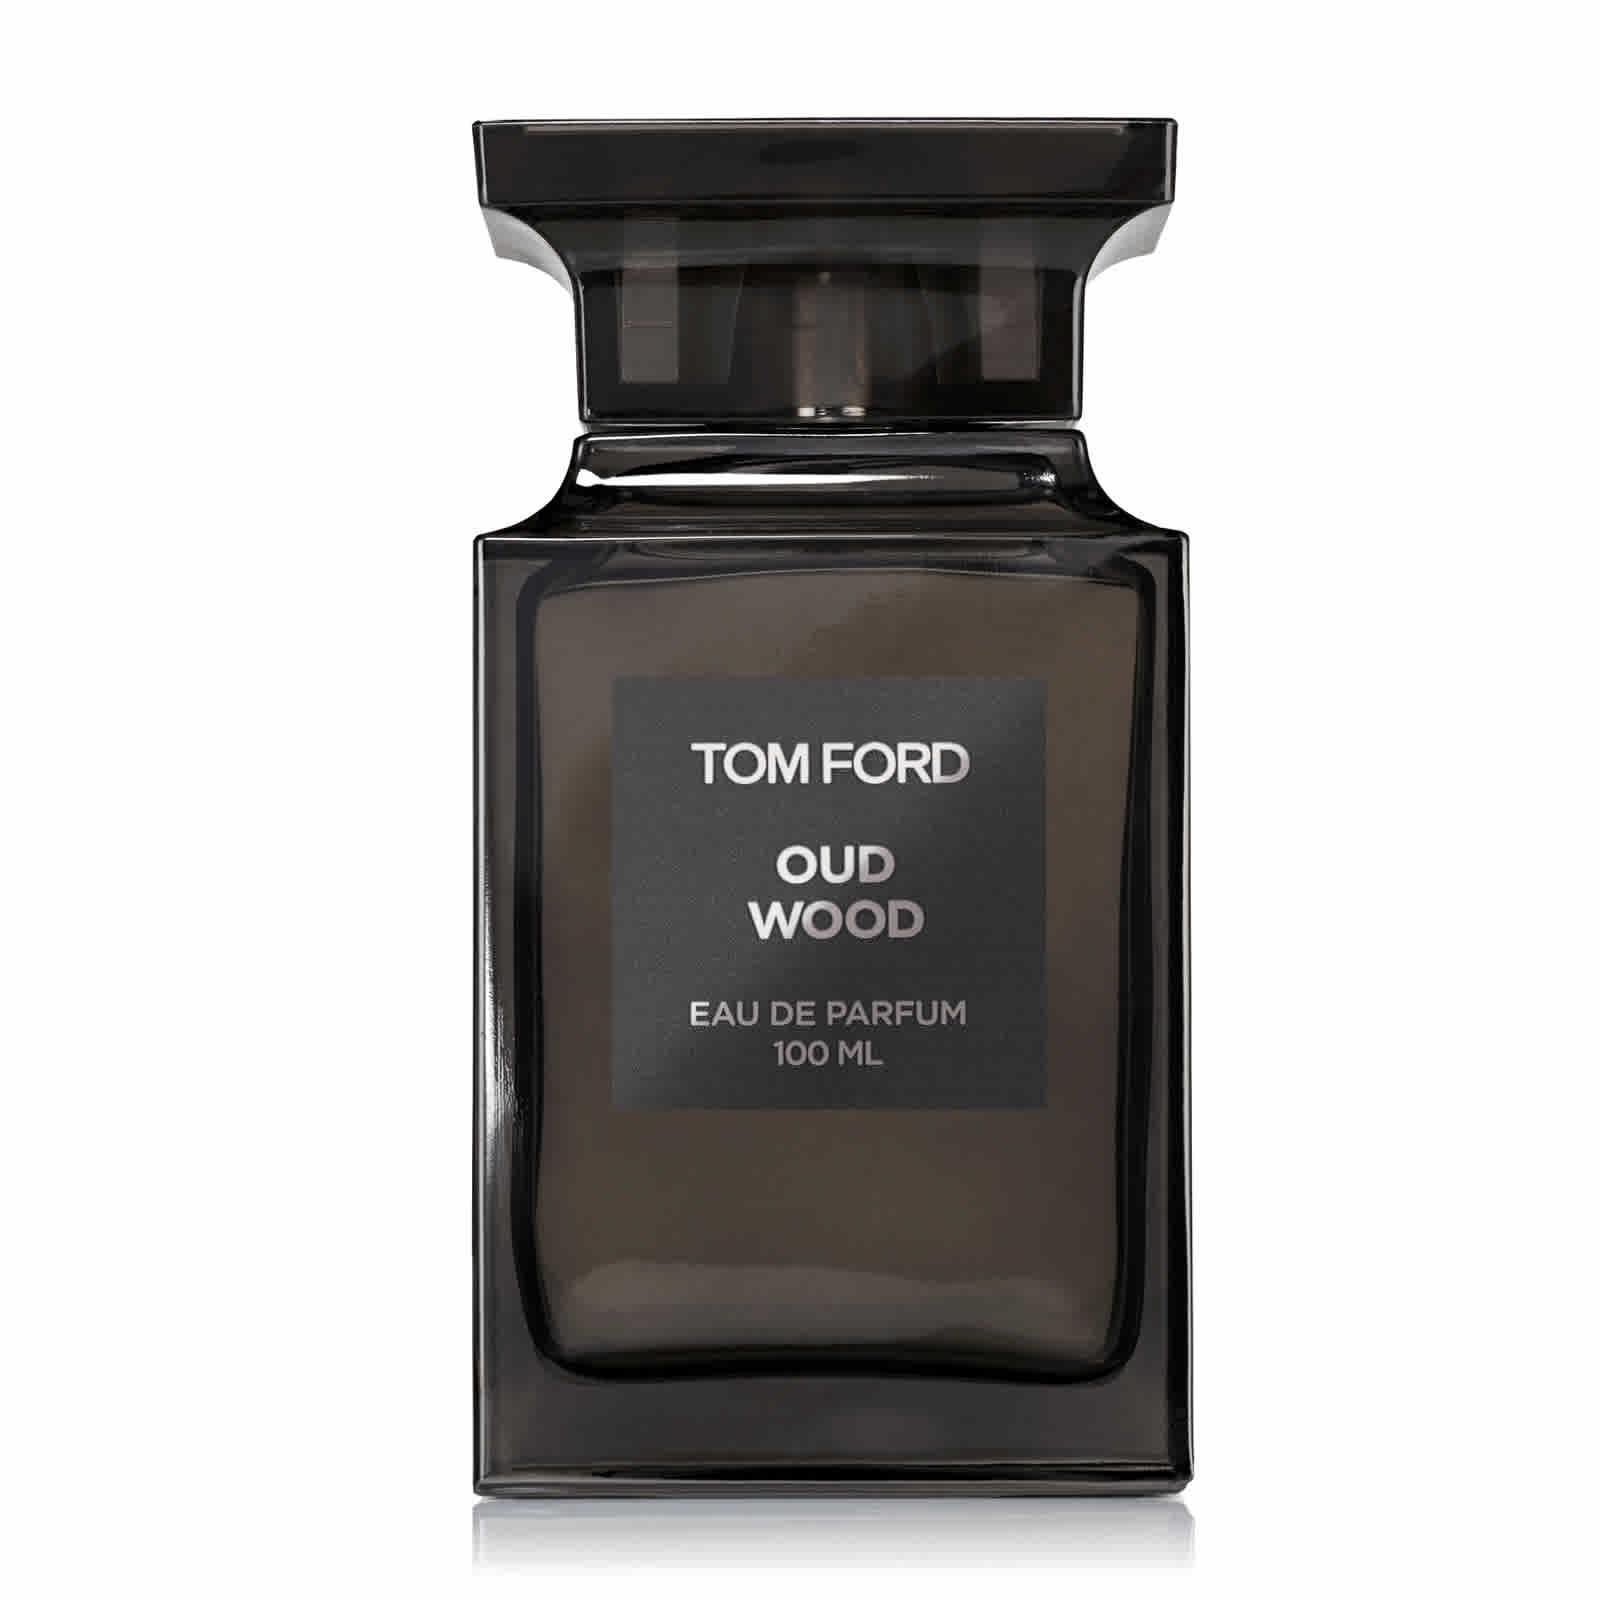 Tom Ford 100ml. £203.90 @ FeelUnique